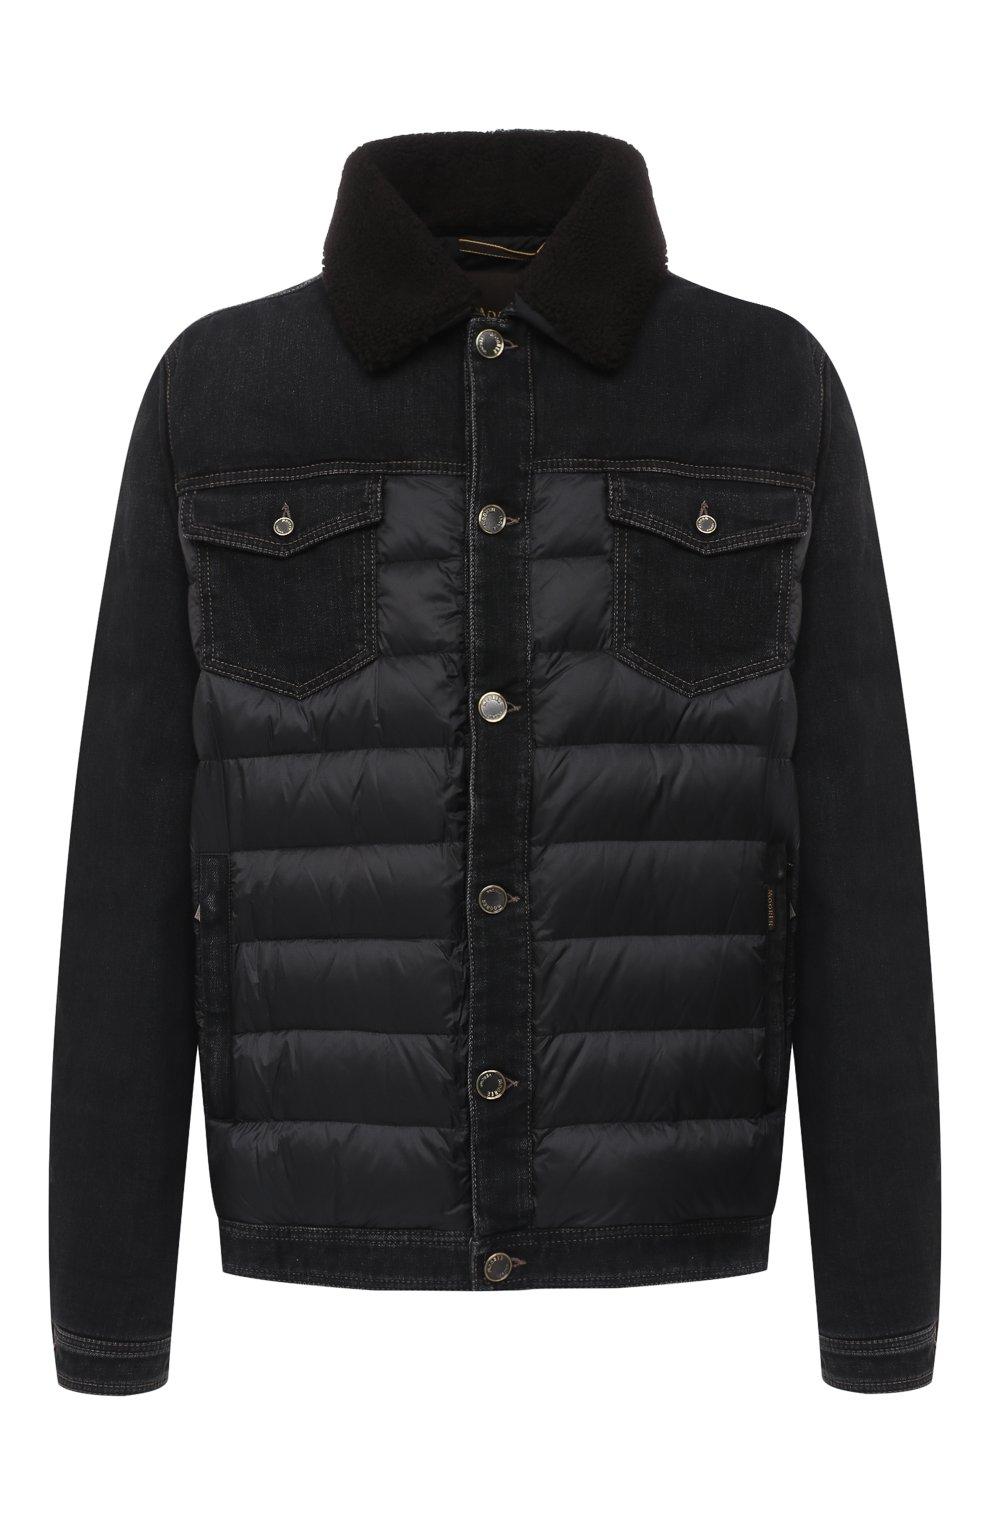 Мужская комбинированная куртка mondor MOORER черного цвета, арт. M0ND0R/FUR-106S/A20M880DC16 | Фото 1 (Кросс-КТ: Куртка, Пуховик; Big sizes: Big Sizes; Мужское Кросс-КТ: пуховик-короткий, Пуховик-верхняя одежда, Верхняя одежда; Рукава: Длинные; Материал внешний: Хлопок; Материал подклада: Синтетический материал; Длина (верхняя одежда): Короткие; Стили: Кэжуэл)